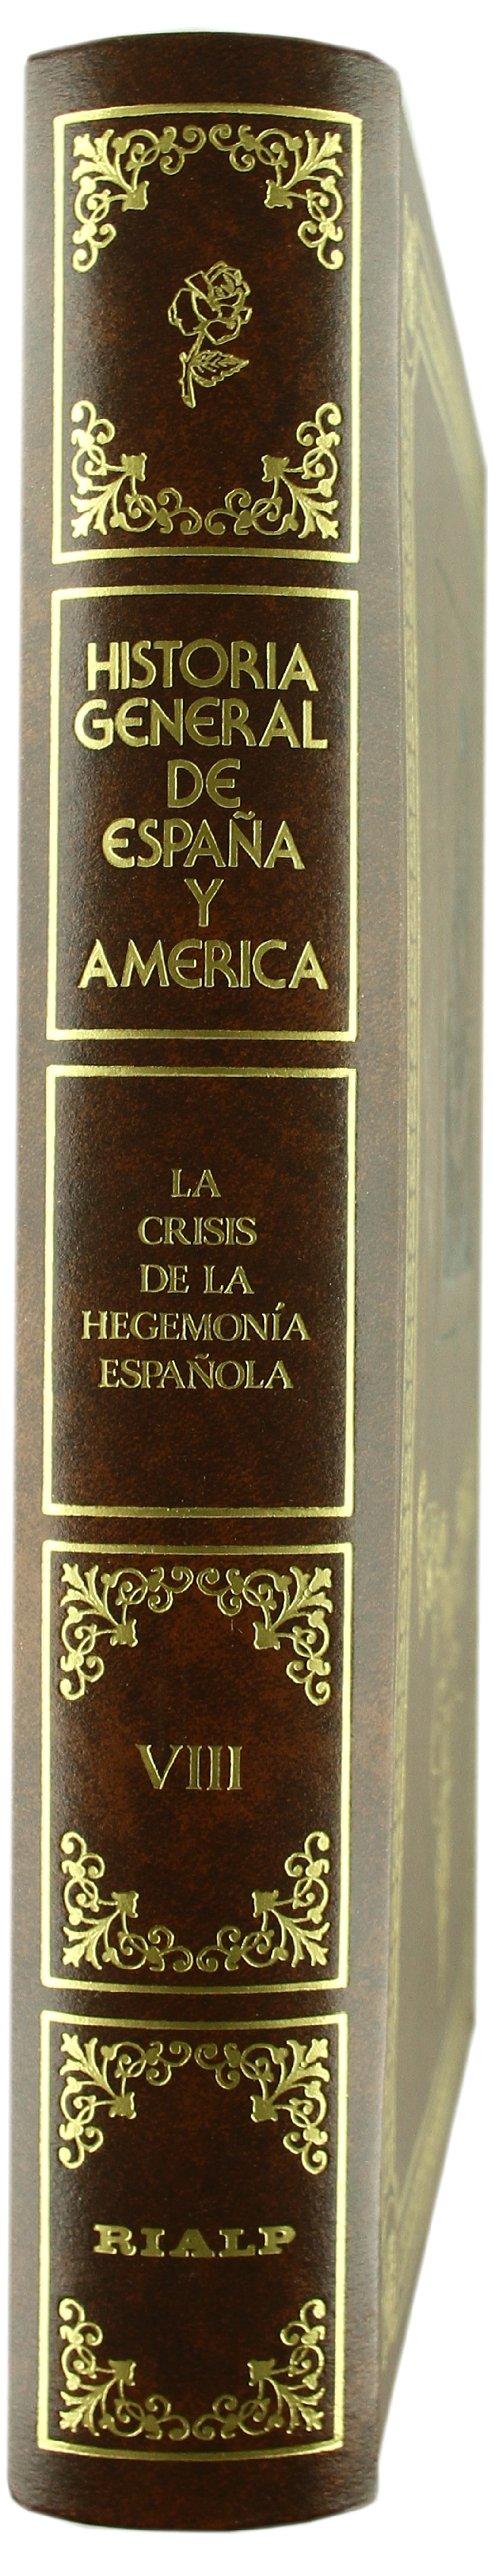 La crisis de la hegemonía española. Siglo XVII. Tomo VIII Hª General de España y América: Amazon.es: Aa.Vv.: Libros